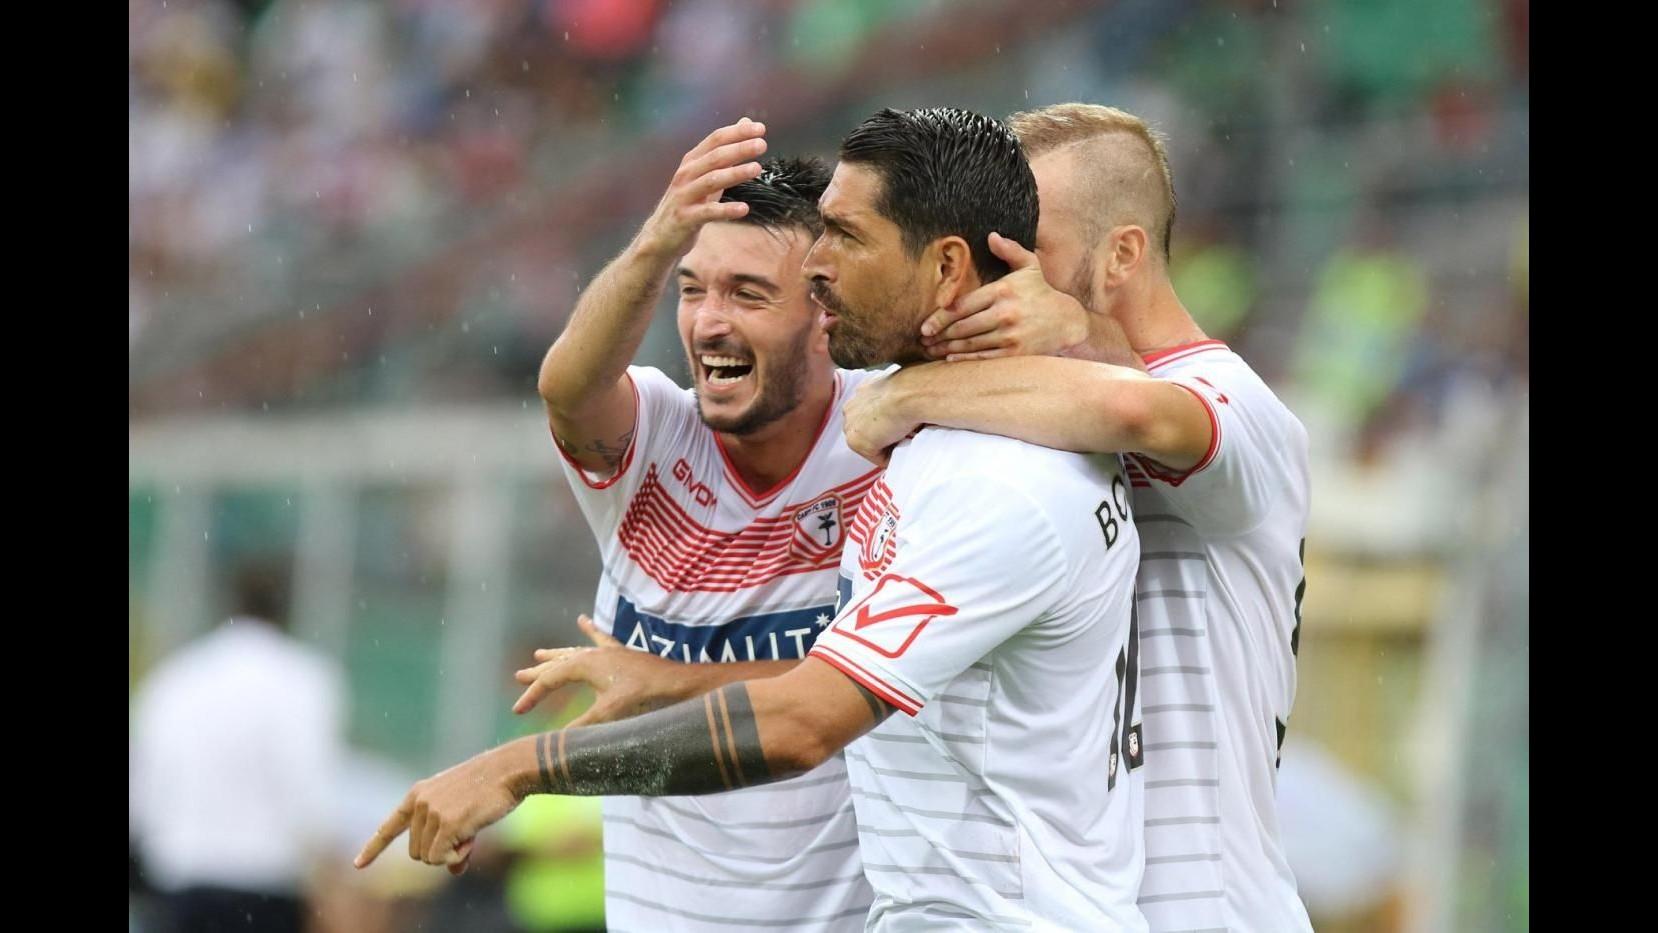 Coppa Italia: Carpi-Vicenza 2-1, agli ottavi c'è la Fiorentina